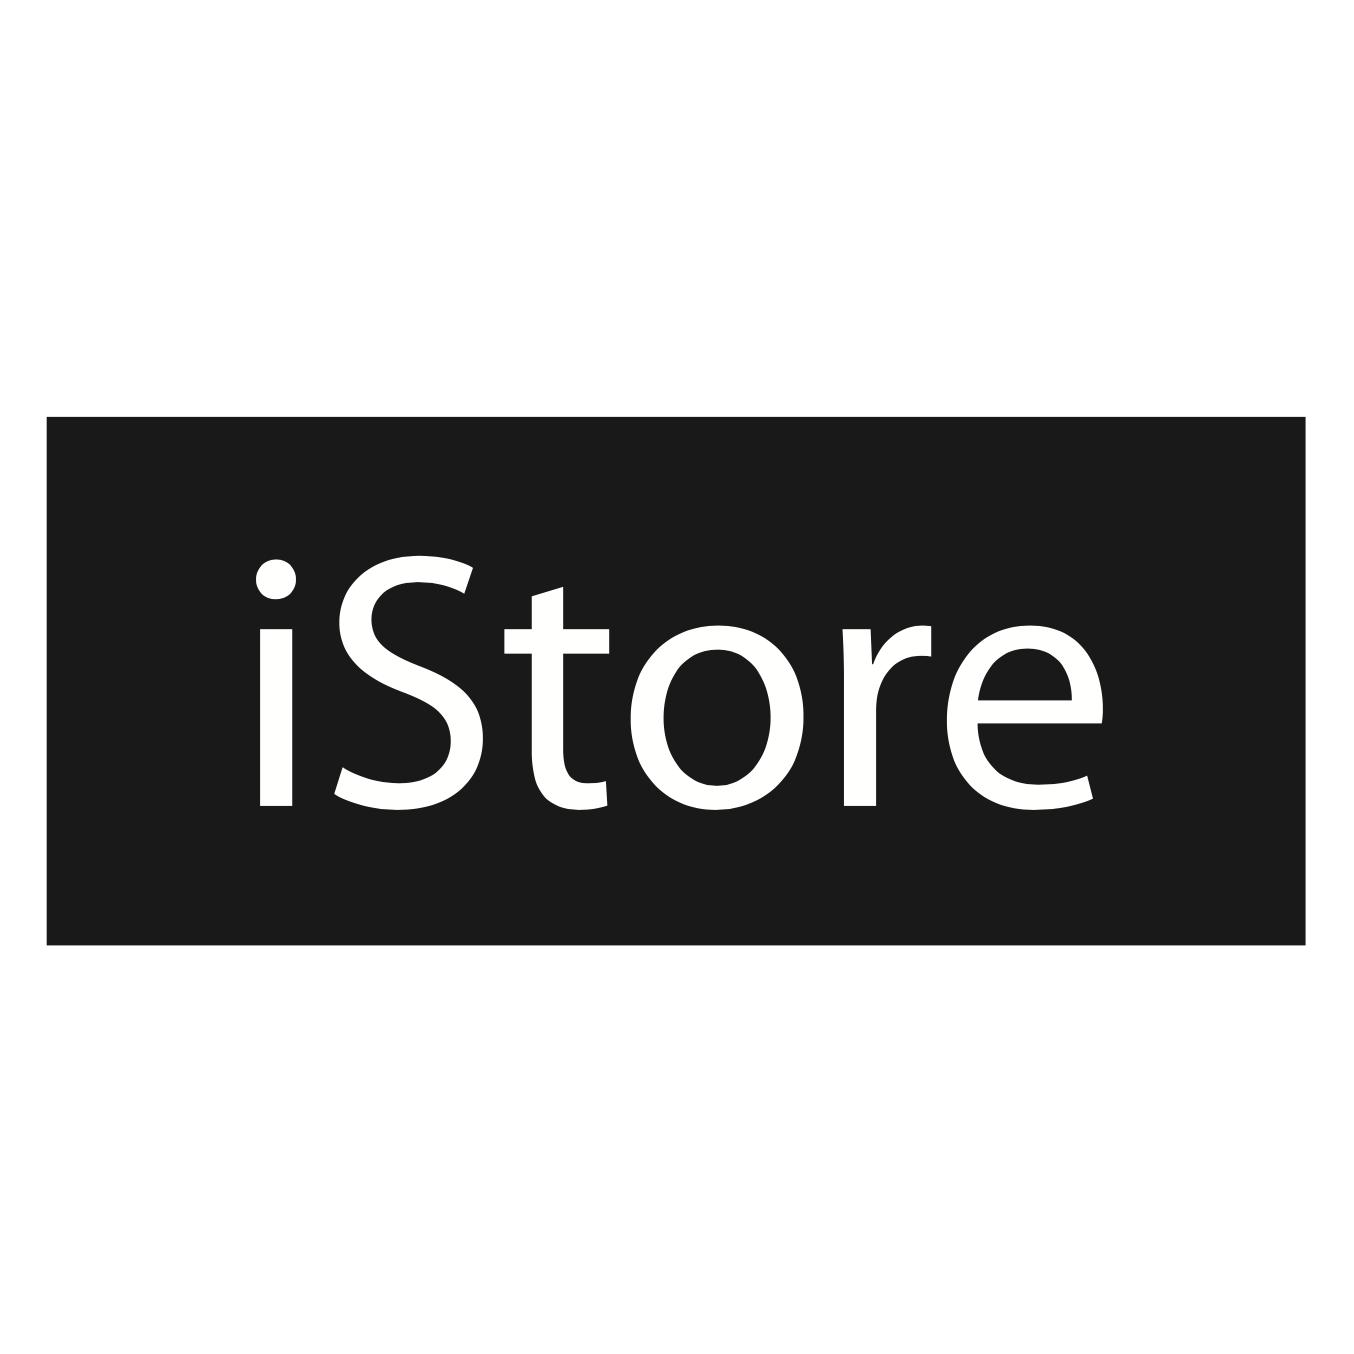 Karat Case for iPhone 6 / 6s - Gold Leaf